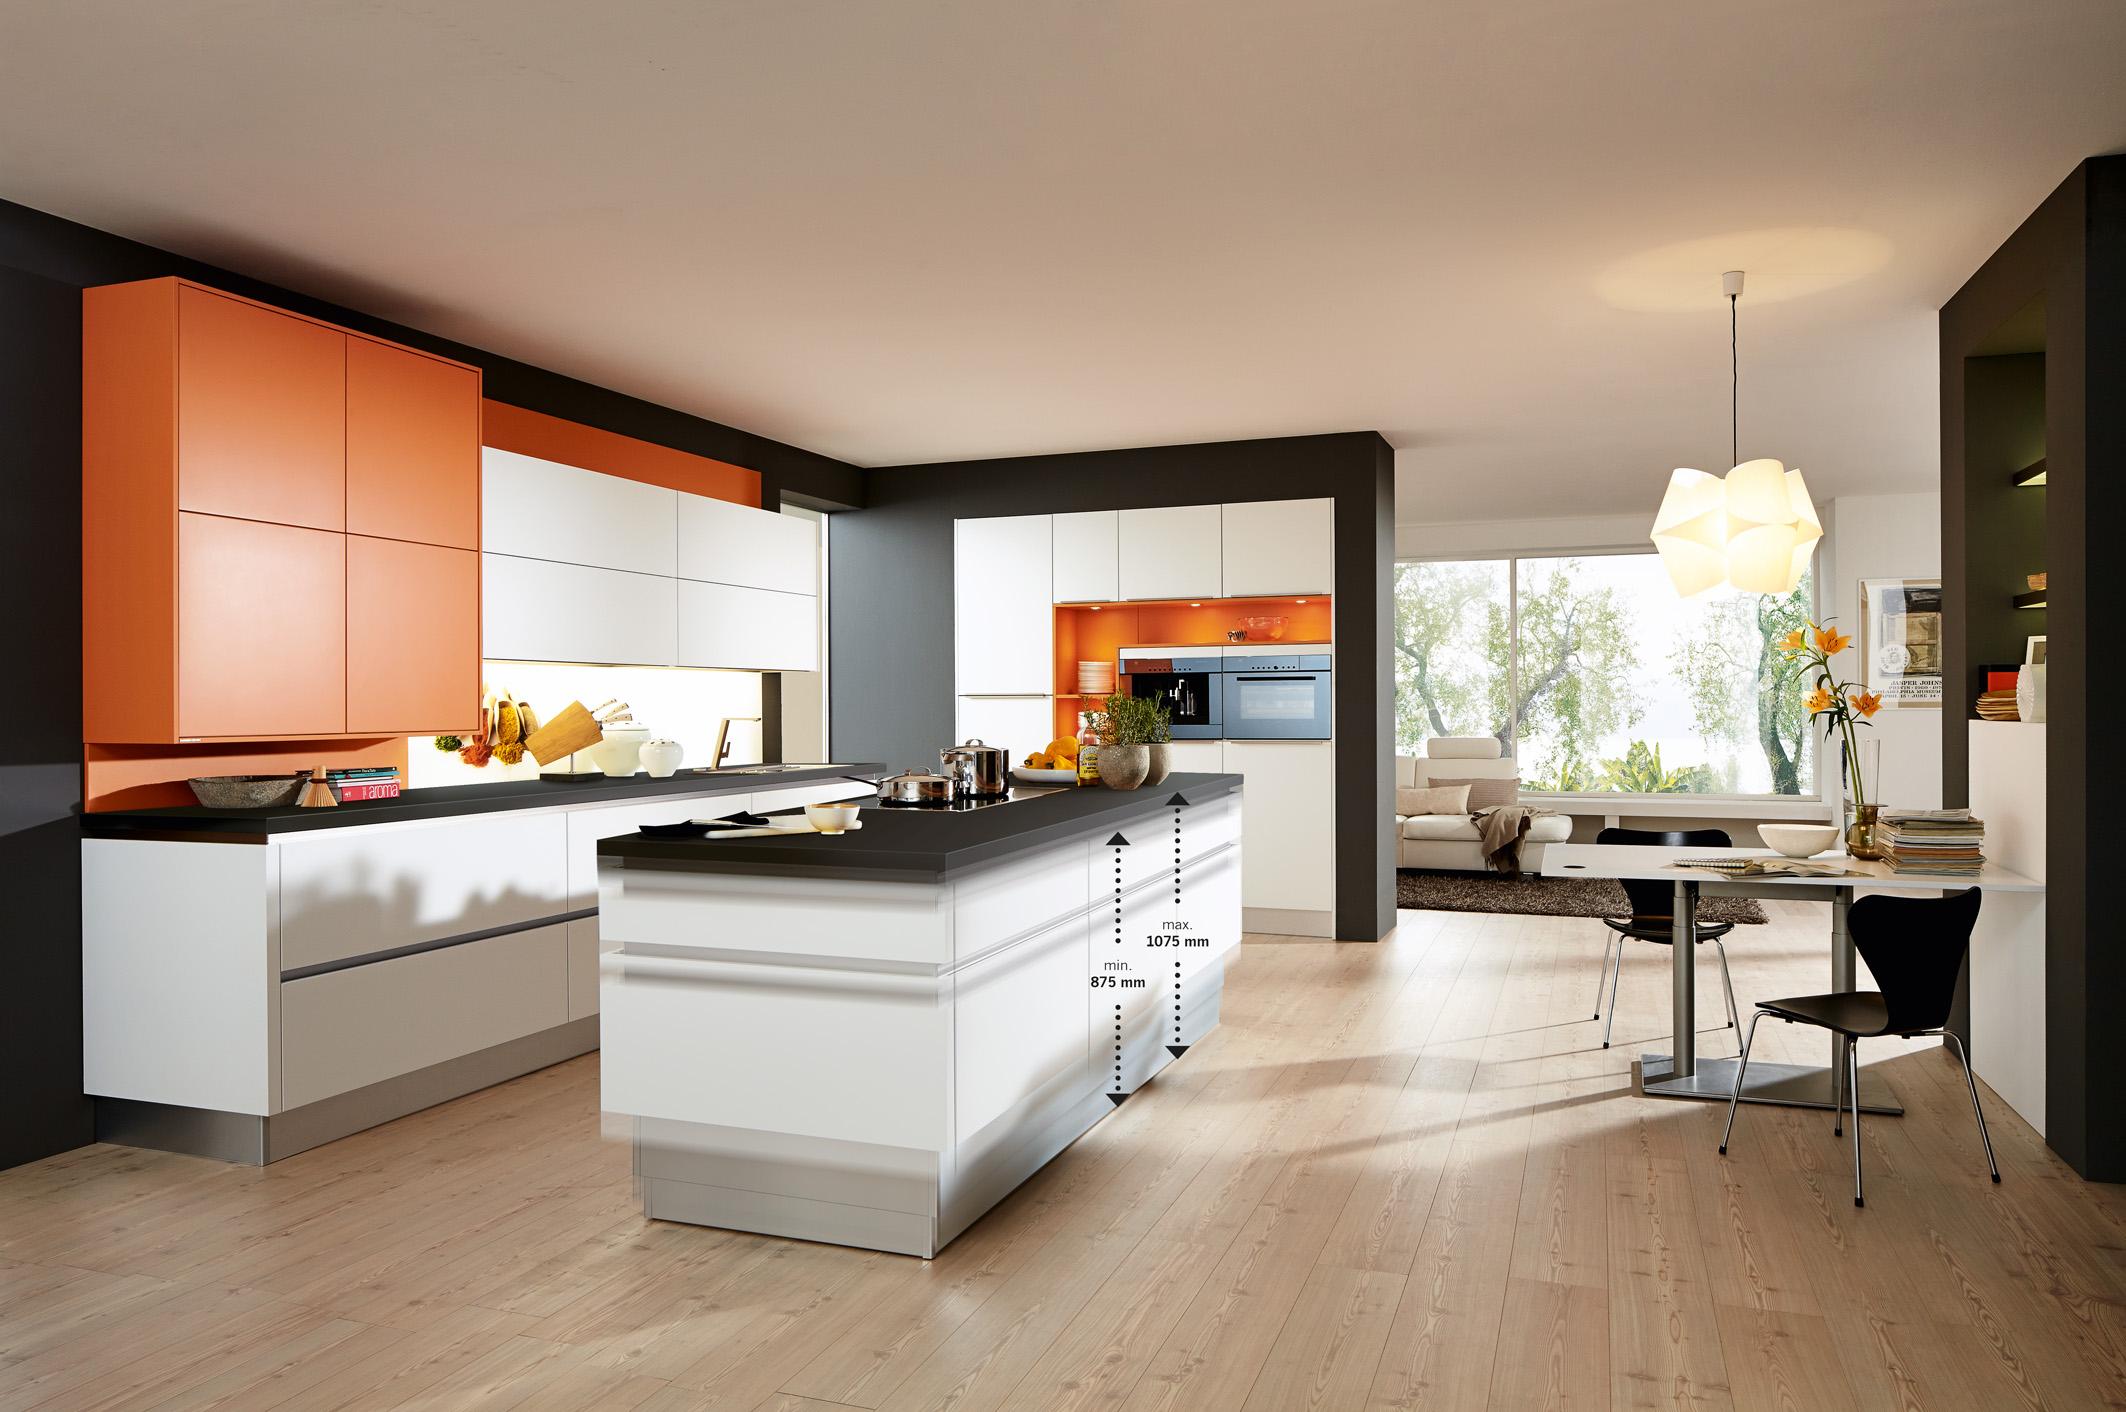 """So angenehm wie möglich wollen es die Menschen beim Vorbereiten von Speisen, beim Kochen und dem anschließenden Aufräumen haben. """"Die deutsche Küchenindustrie verfügt über ein vielfältiges Sortiment für ergonomisches, bequemes und ermüdungsfreies Arbeiten in der Küche"""", sagt Volker Irle, Geschäftsführer der Arbeitsgemeinschaft Die Moderne Küche e.V. (AMK). """"Die intelligenten Lösungen erleichtern den Alltag und erhalten zugleich den Spaß am Kochen."""" Damit die Tätigkeiten in der Küche möglichst bequem erledigt werden können, sind optimale ergonomische Arbeitshöhen besonders wichtig. Falls Paare unterschiedlich groß sind, geraten sie mit angestammten Küchenentwürfen schnell an ihre Grenzen. """"Als Lösung bieten sich höhenverstellbare Kochinseln an"""", berichtet Irle. Mit ihrer Hilfe findet jedes Familienmitglied seine individuelle Arbeitsposition. Dank eines Hubsockelsystems kann die Arbeitshöhe um bis zu 20 Zentimeter verstellt werden. Mit elektromotorischen Antrieben lassen sich die Arbeitsplatte und die Küchenschränke leise und stufenlos anheben und absenken. Egal, ob die Hobbyköche 1,60 Meter oder 2 Meter groß sind – jeder findet eine ideale Arbeitshöhe, um bequem Gemüse oder Fleisch zu schneiden, Gerichte auf dem Kochfeld zuzubereiten und Töpfe im Spülbecken abzuwaschen. Auf diese Weise werden eine ungünstige Körperhaltung und die daraus oftmals resultierenden Rückenbeschwerden vermieden. Mehrere Höhen lassen sich fest einprogrammieren. Zudem müssen sich große Menschen beim Griff in die Unterschränke weniger stark bücken, da auch die Schränke mit in die Höhe gefahren werden. Ganz auf die individuellen Bedürfnisse einrichten lassen sich auch Arbeitstische für die Küche. Mit Hilfe einer um 50 Zentimeter höhenverstellbaren Tischplatte kann daran sowohl bequem gespeist, als auch gearbeitet oder in Stehhöhe mit Freunden geplaudert werden. Als Vorbild dienen Steh-Sitz-Schreibtische, die inzwischen in vielen Büros Einzug gehalten haben und für eine Abwechslung bei der Arbeit"""